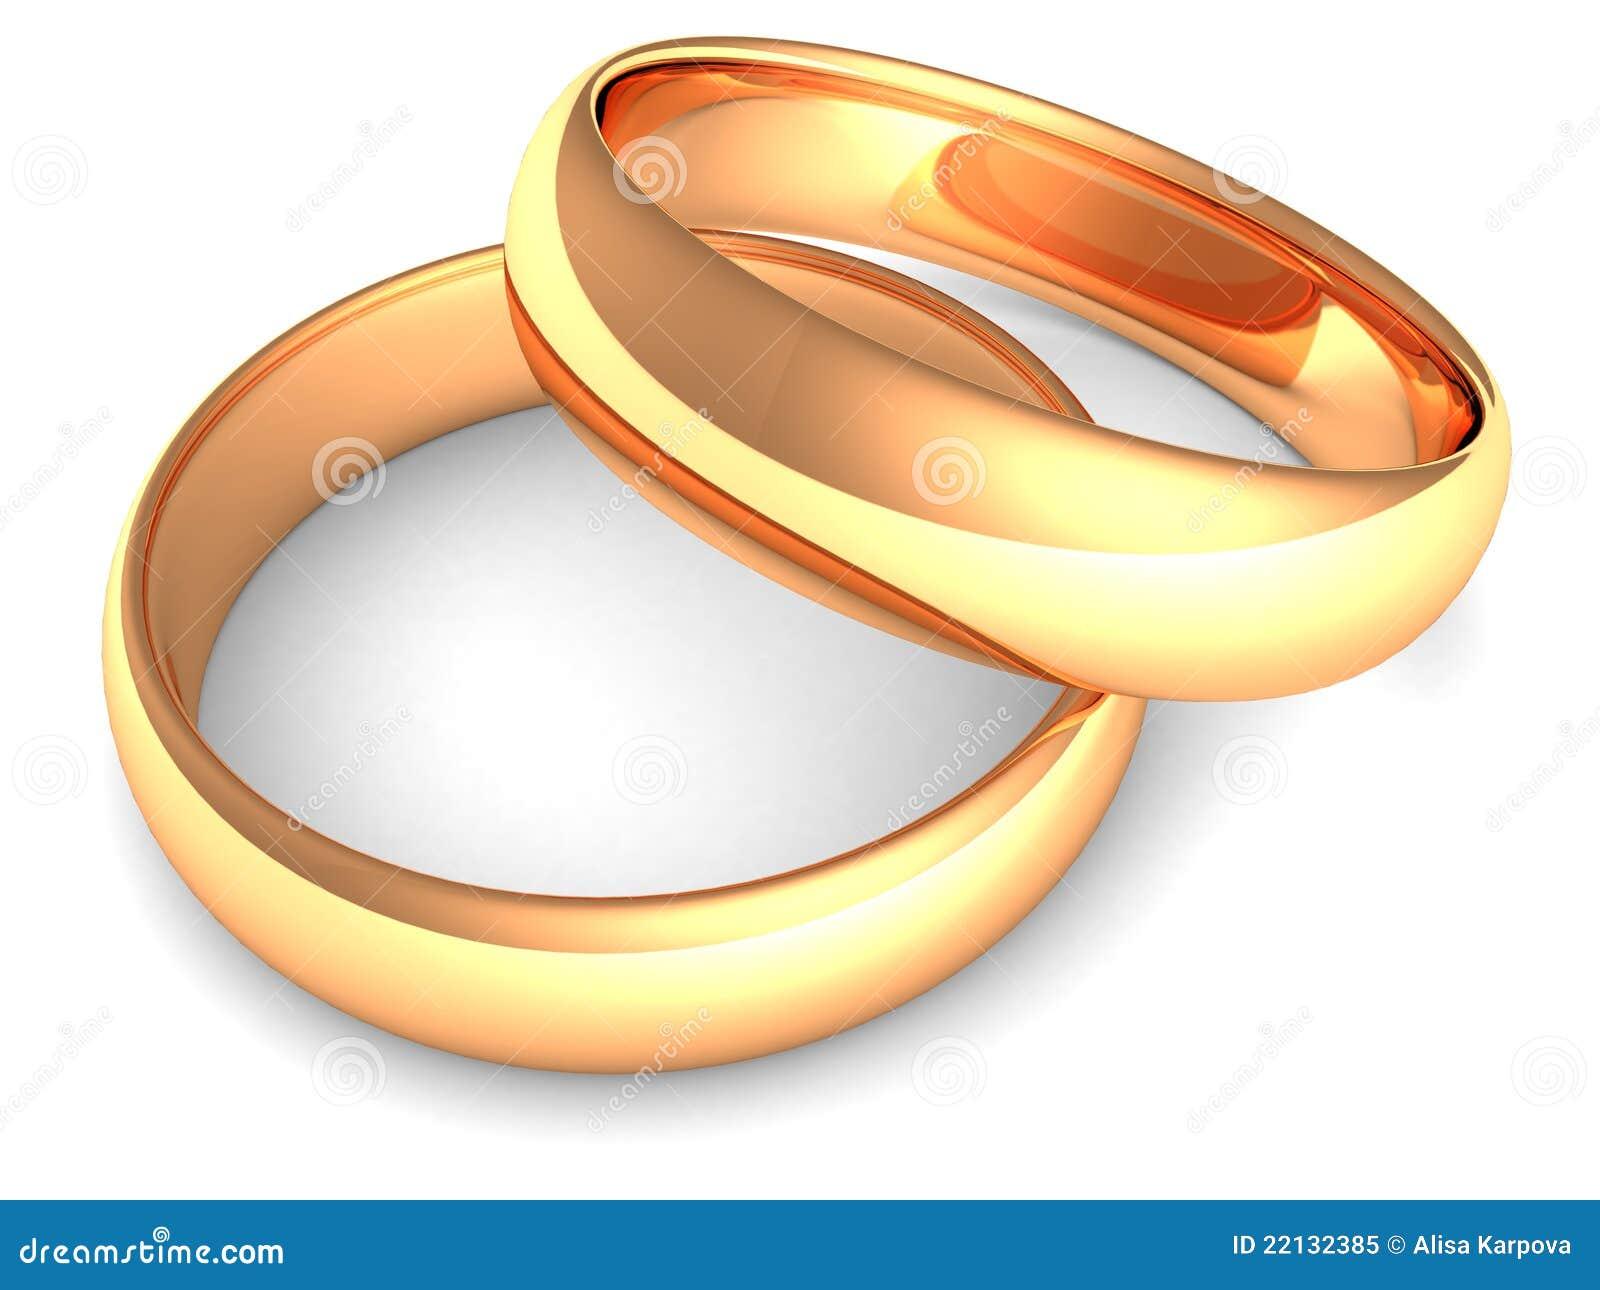 ringe der goldenen hochzeit auf wei em hintergrund lizenzfreies stockfoto bild 22132385. Black Bedroom Furniture Sets. Home Design Ideas